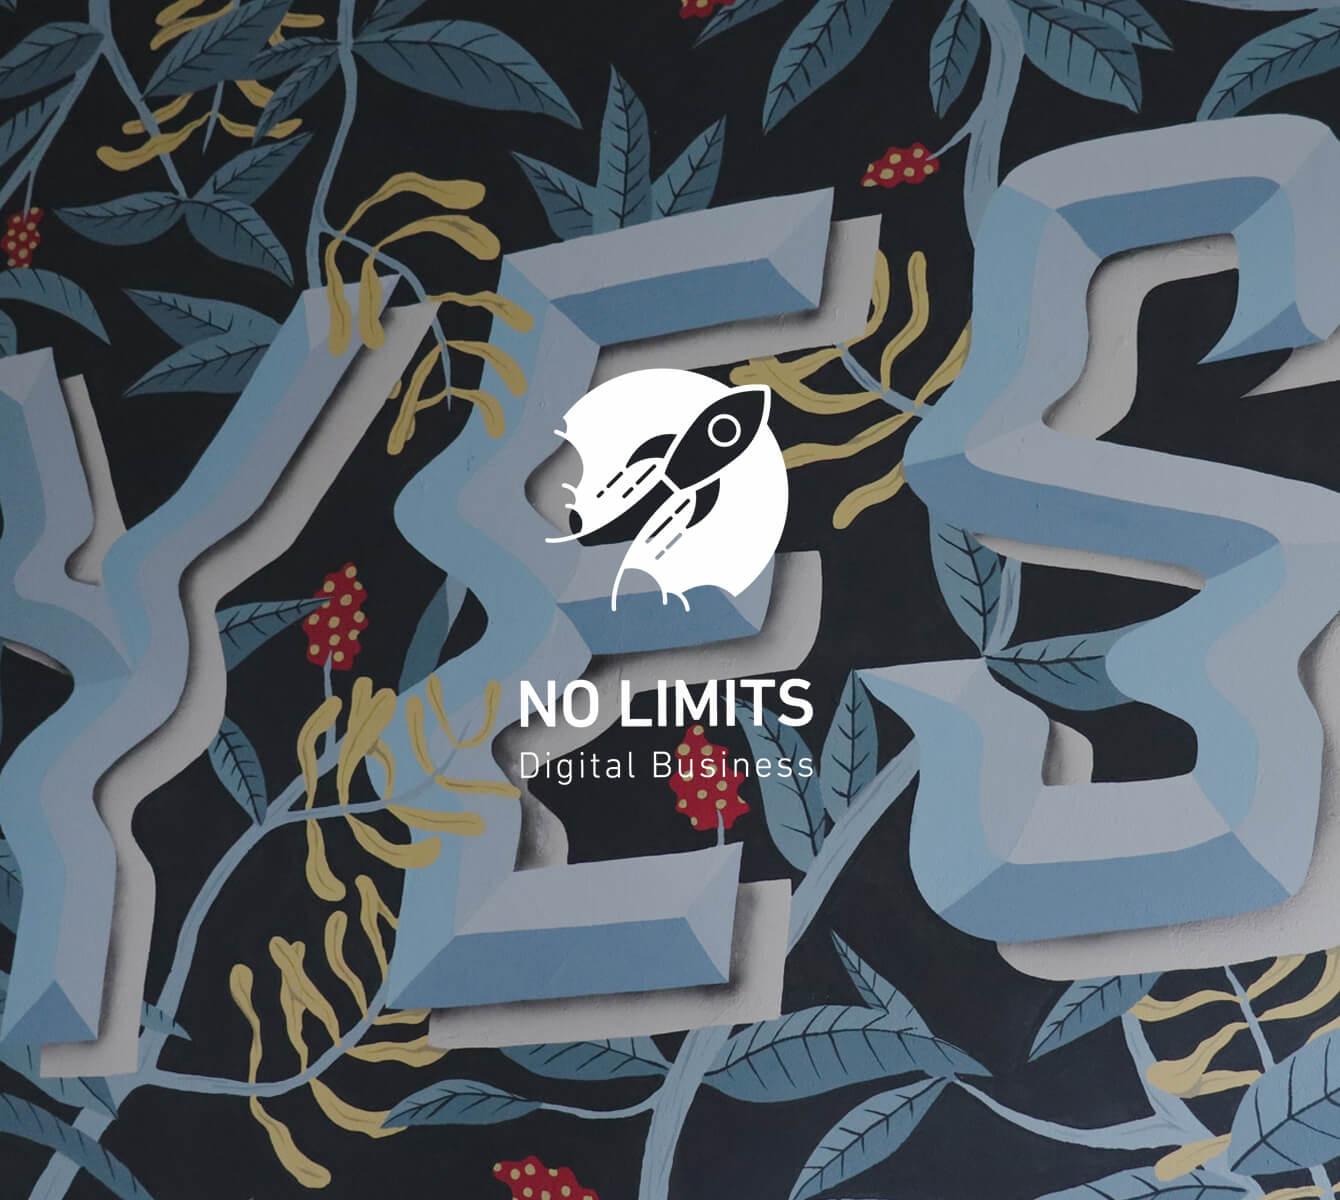 nolimits-1